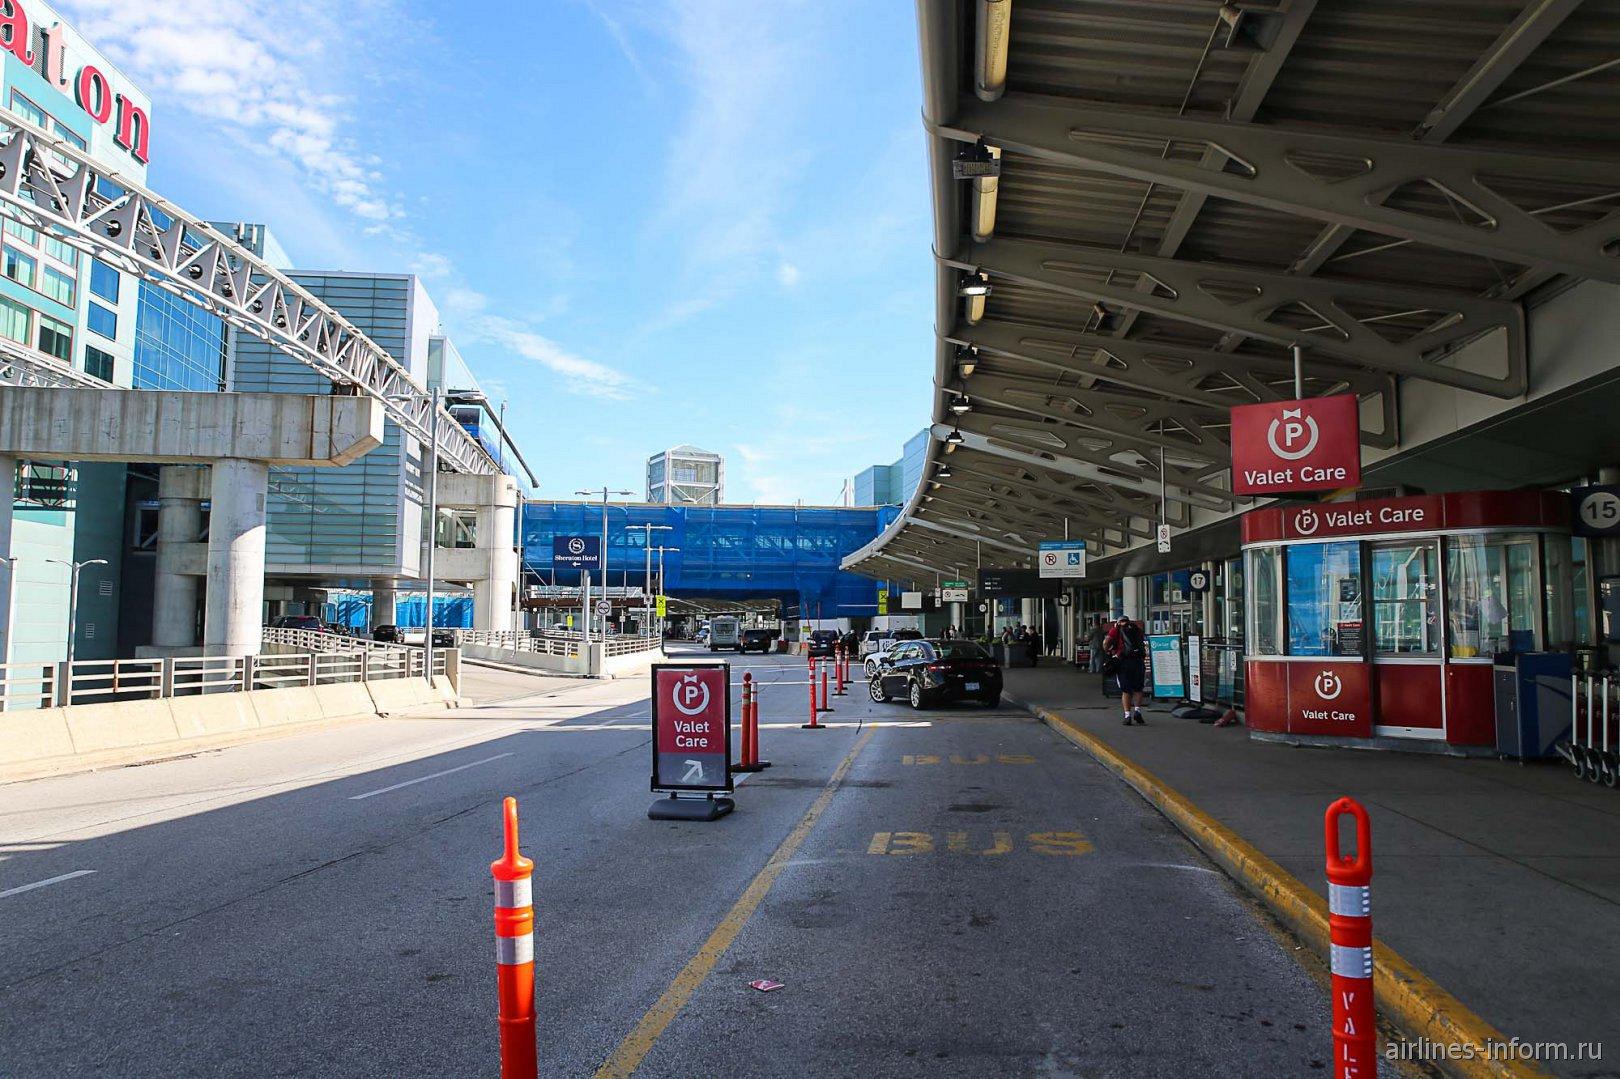 У входа в терминал 3 аэропорта Торонто Пирсон